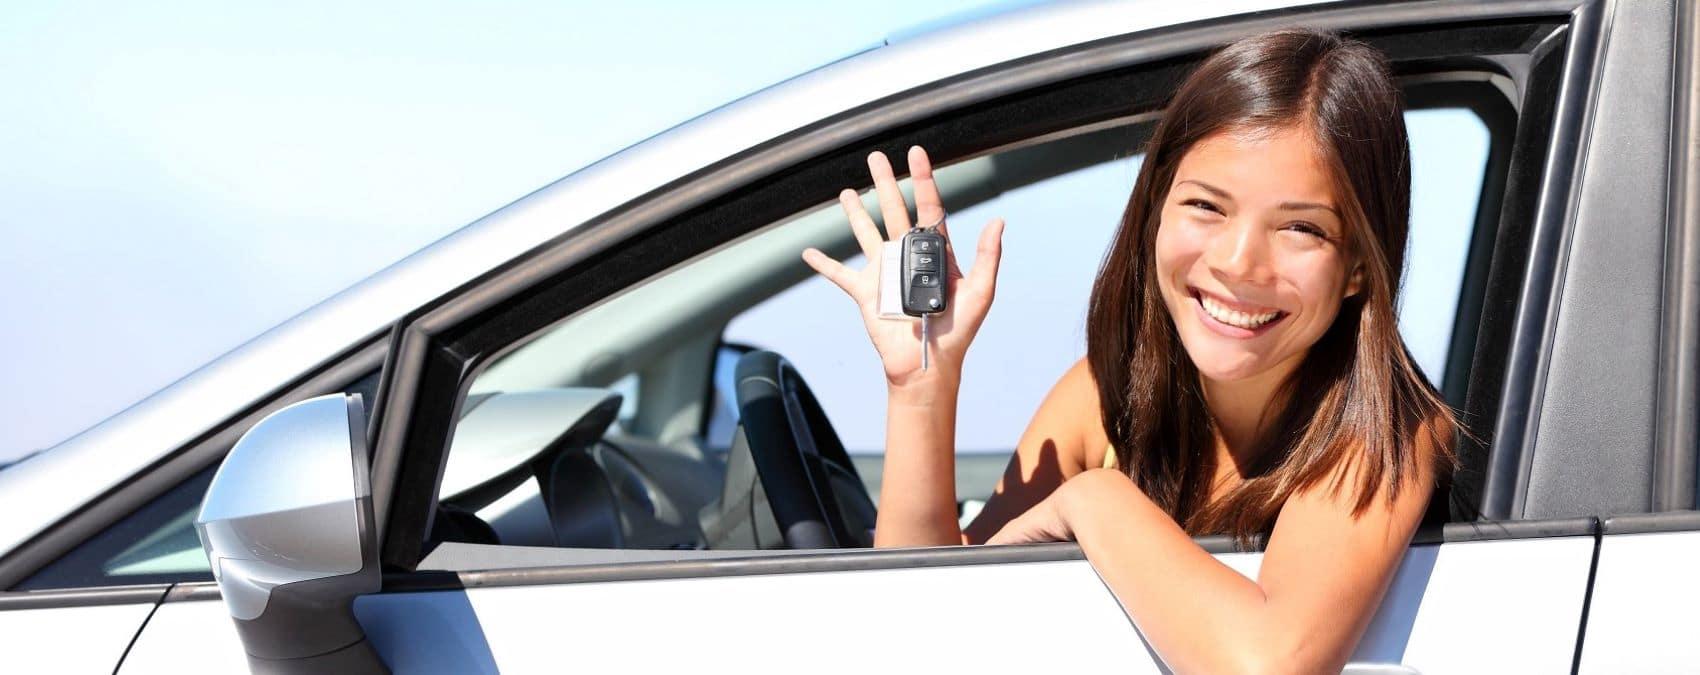 Woman in a rental car holding keys